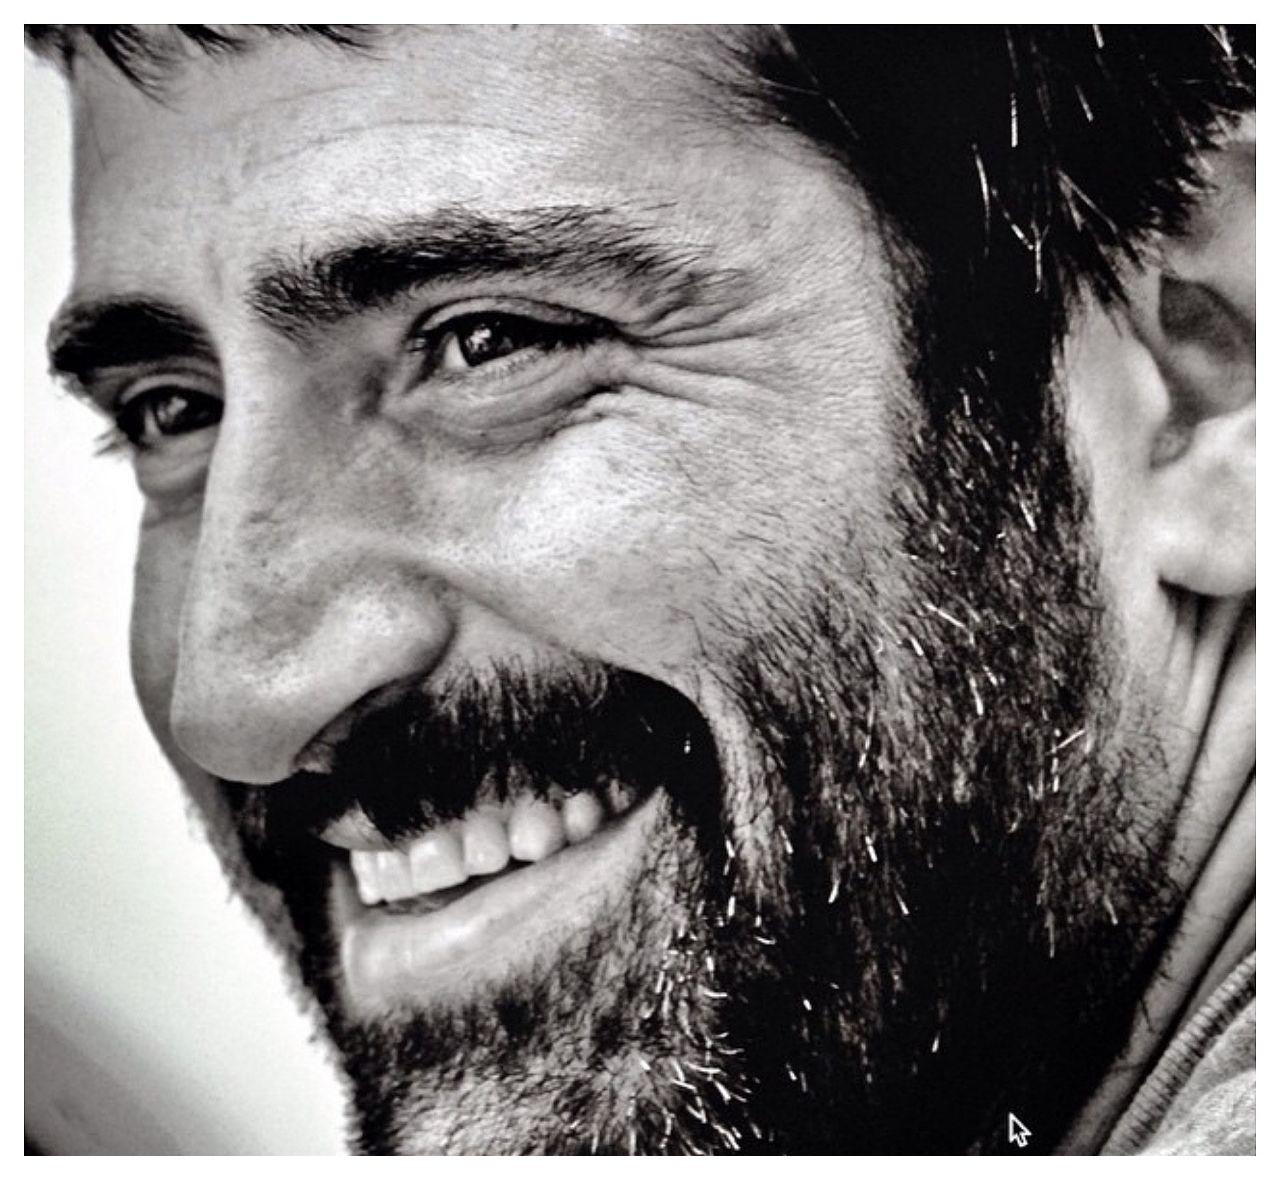 مذاکره با خواننده سرشناس ترکیه برای بازی در سریال «پدرخوانده»